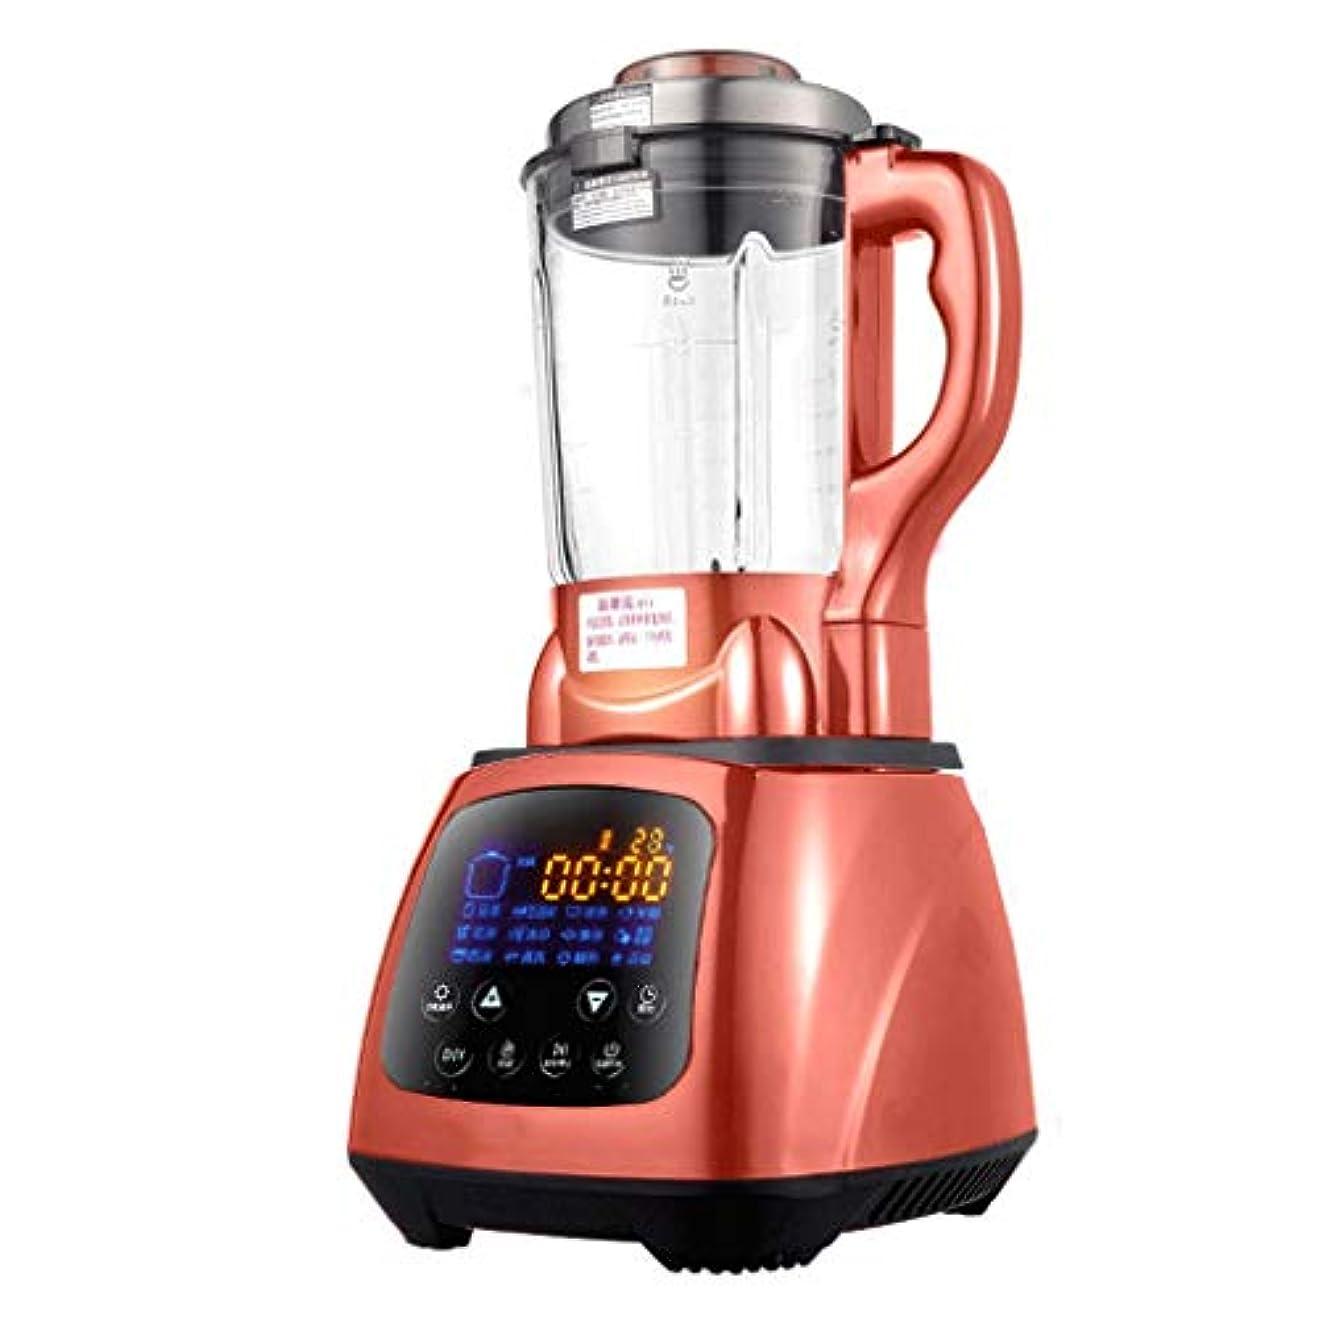 慢性的シェーバー知り合いSHYPYG ジューサーマシン、果物と野菜のための遅い咀嚼ジューサー、静かなモーター、逆の機能、ジュースカップとブラシで高さの栄養素コールドプレスジューサーマシンを掃除するのは簡単